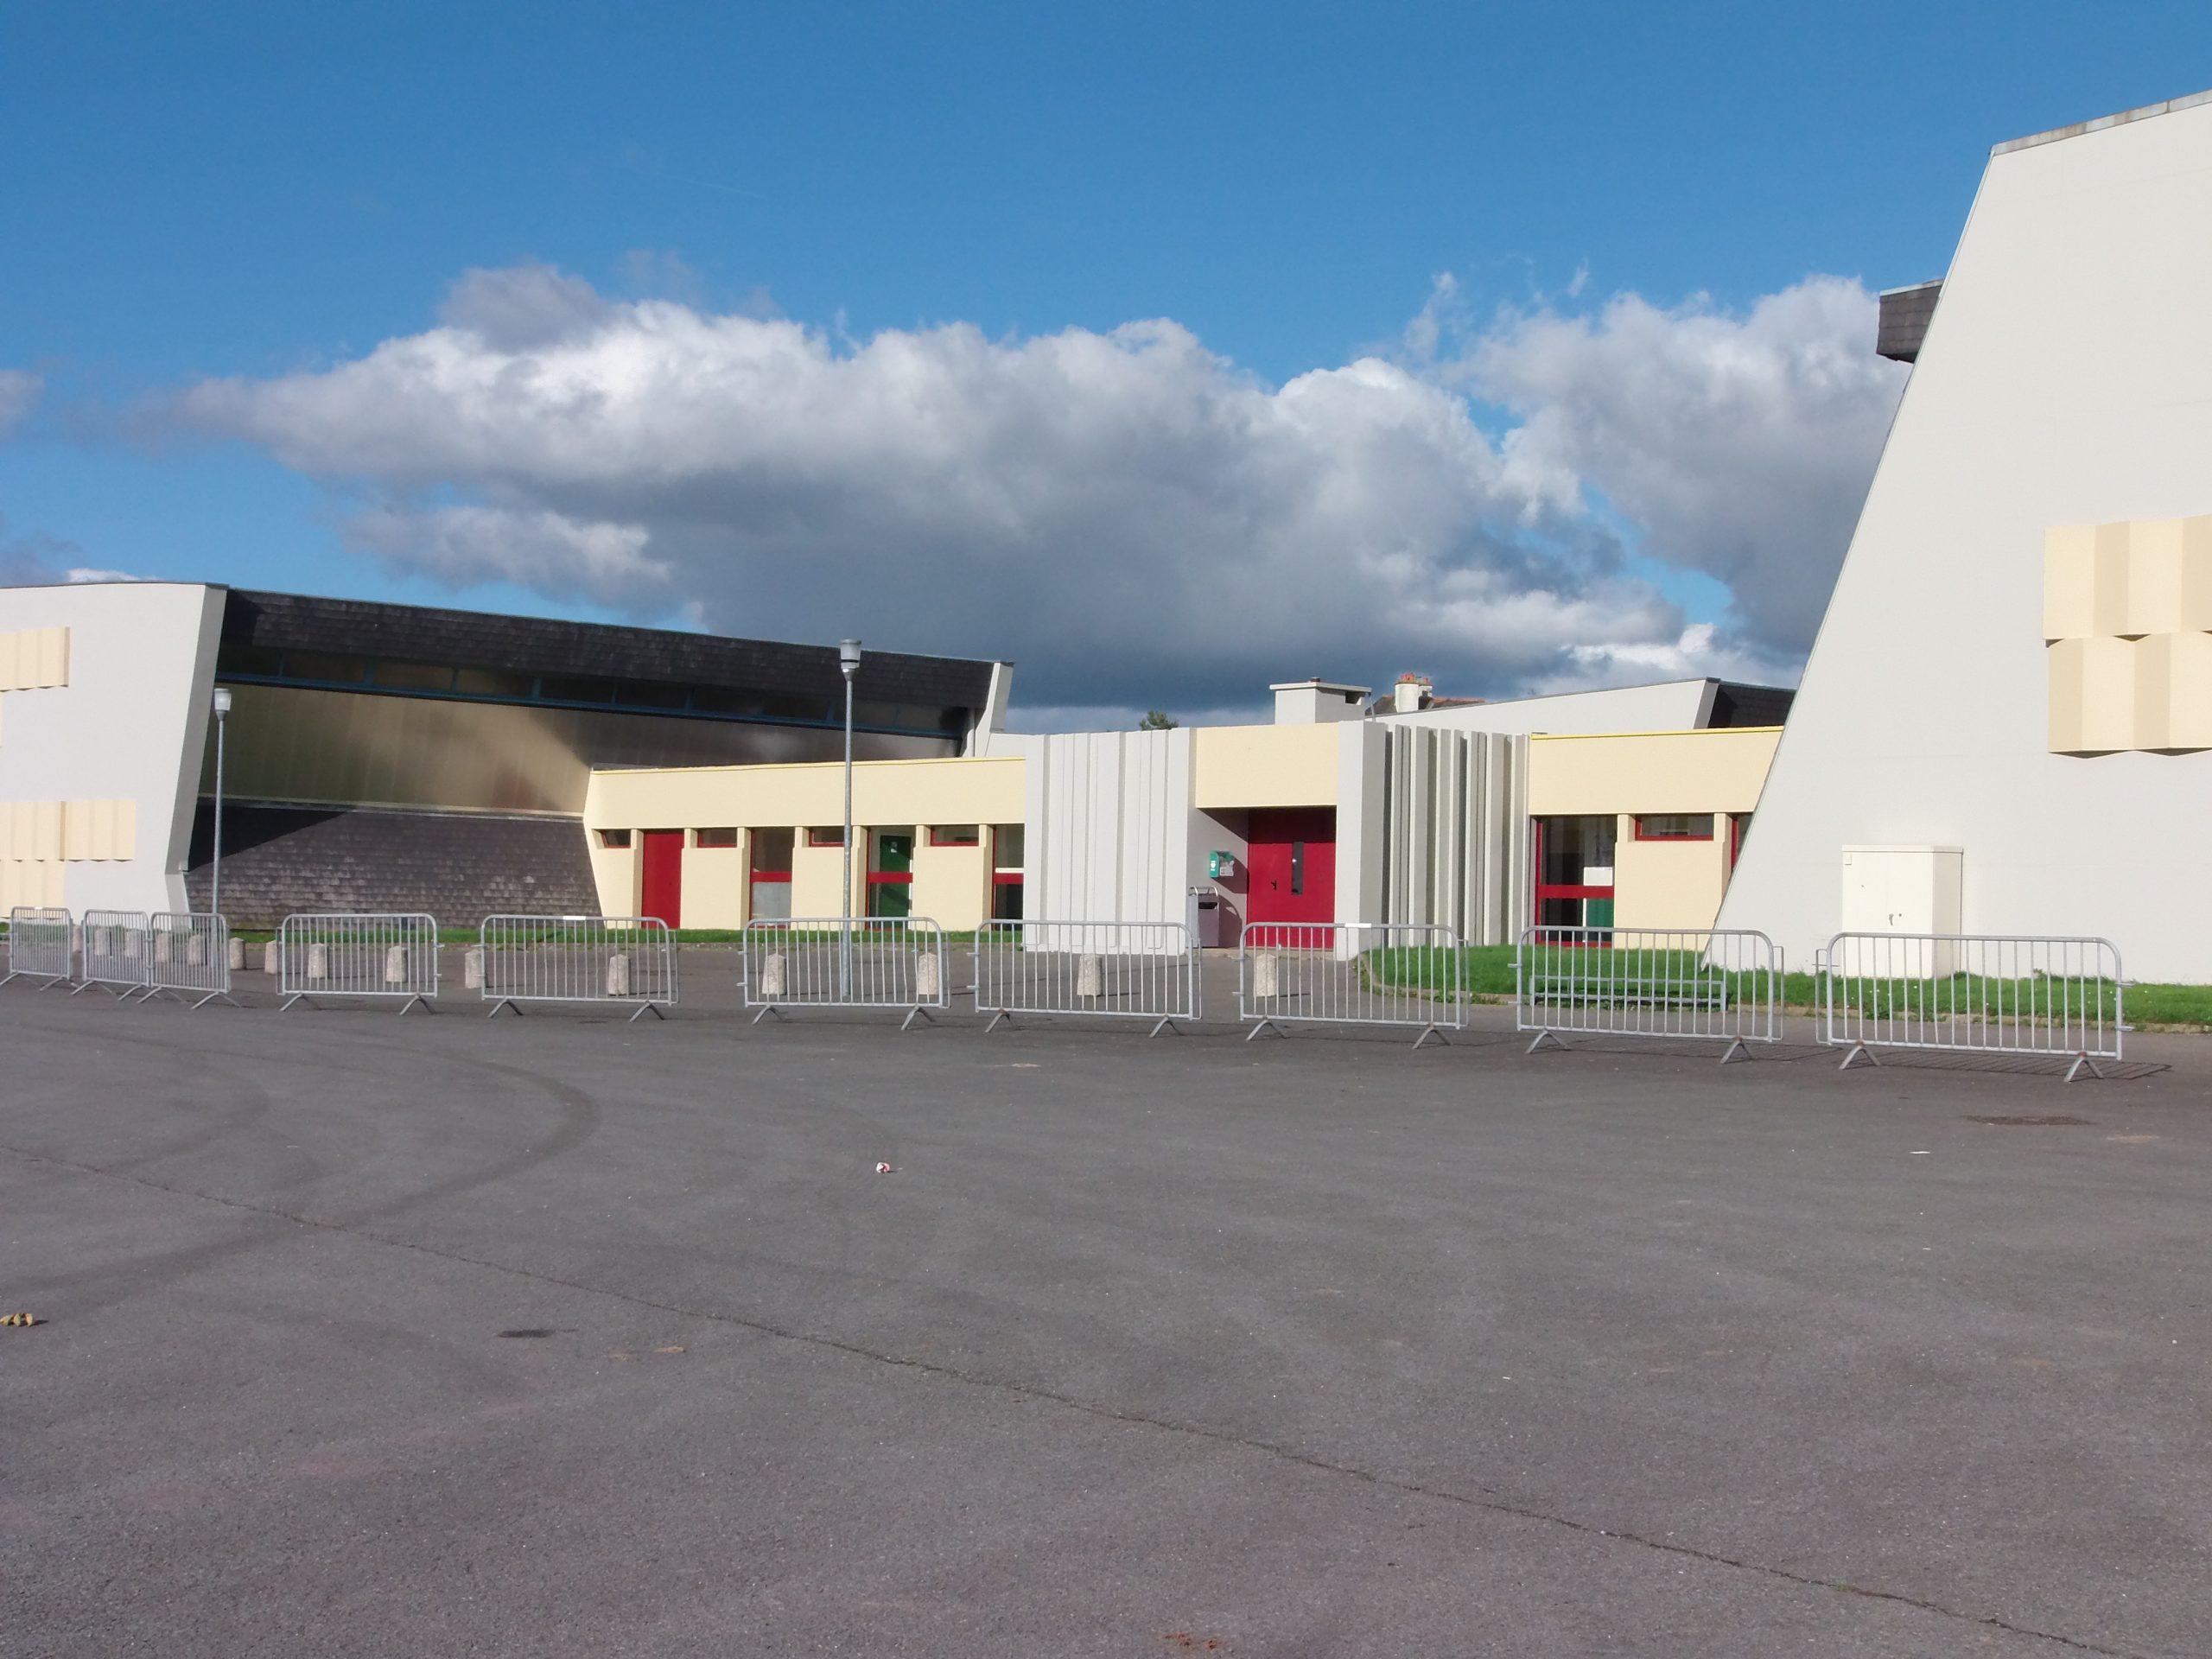 Salles Et Mini-Bus | Ville De Saint Méen Le Grand destiné Piscine Saint Meen Le Grand